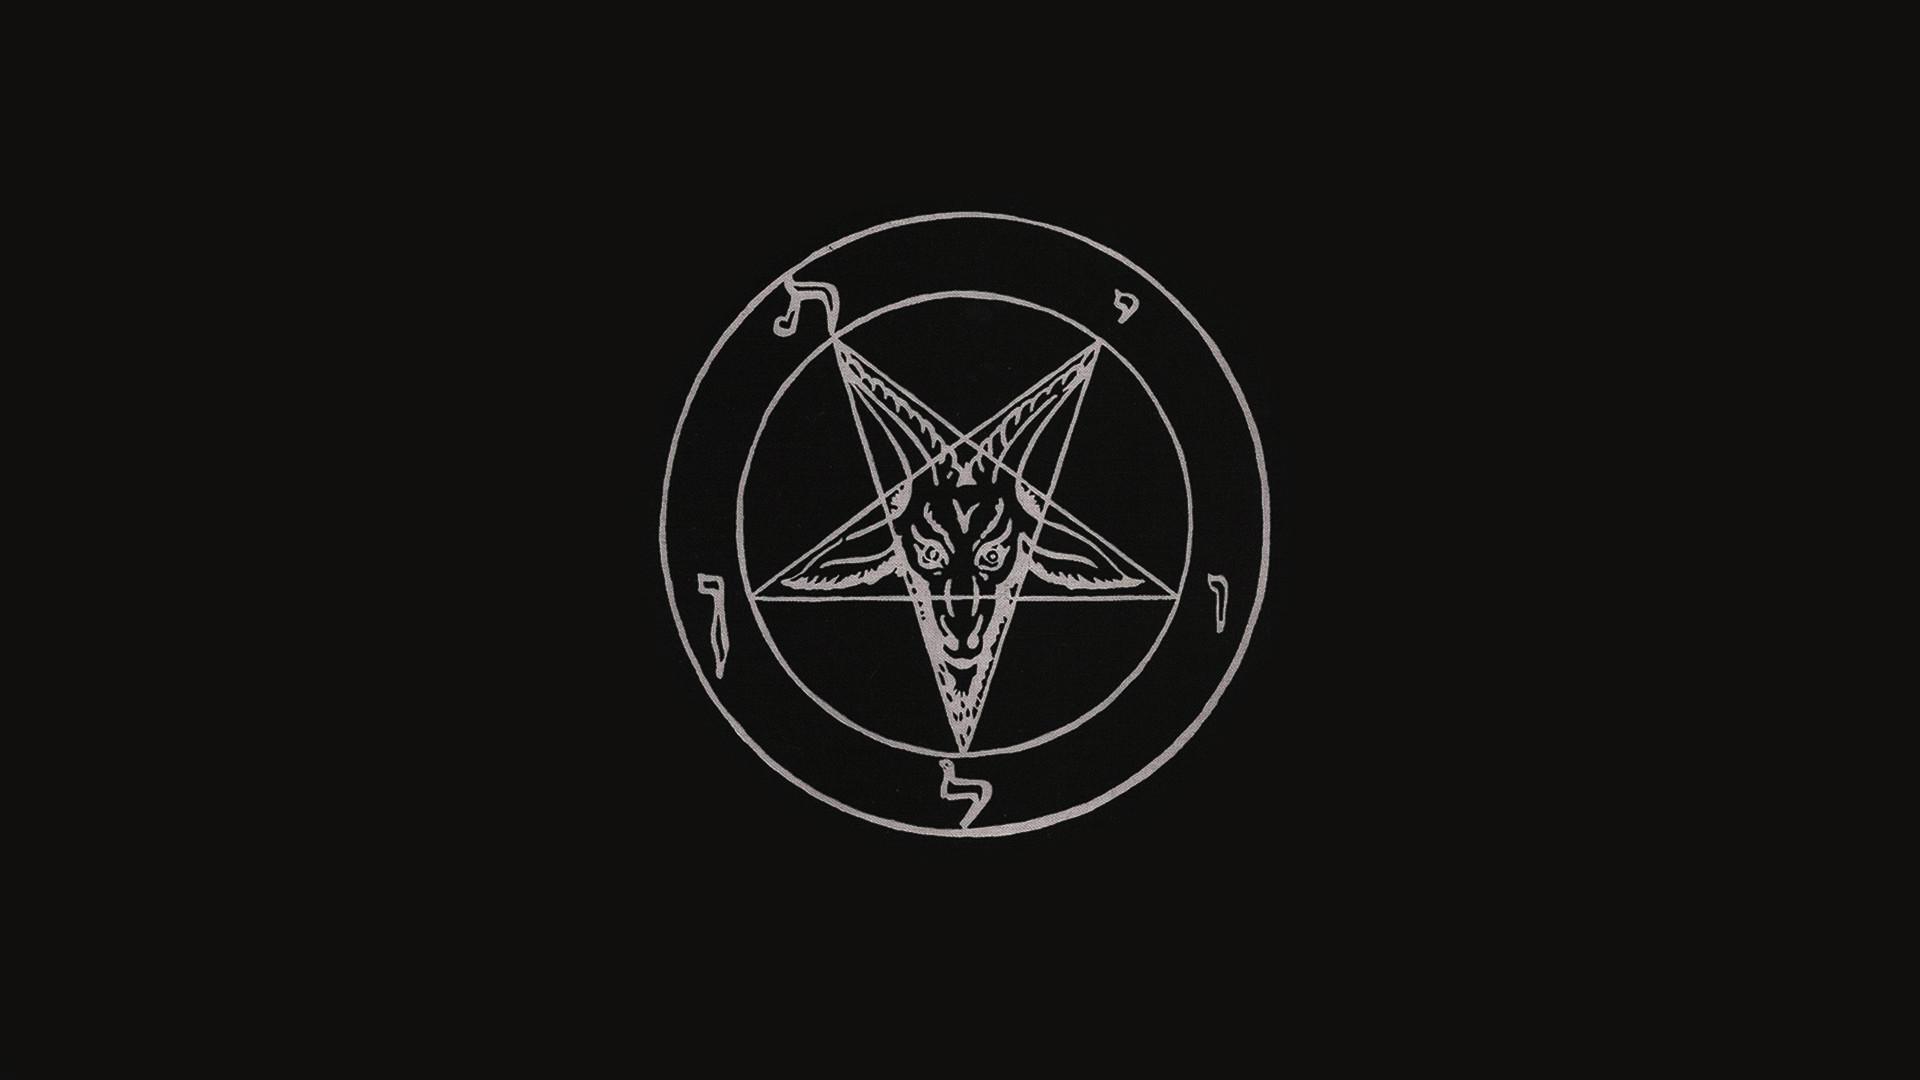 Download wallpaper Hell's Kitchen Baphomet, Baphomet, Satan, pentagram.,  Baphometh, section